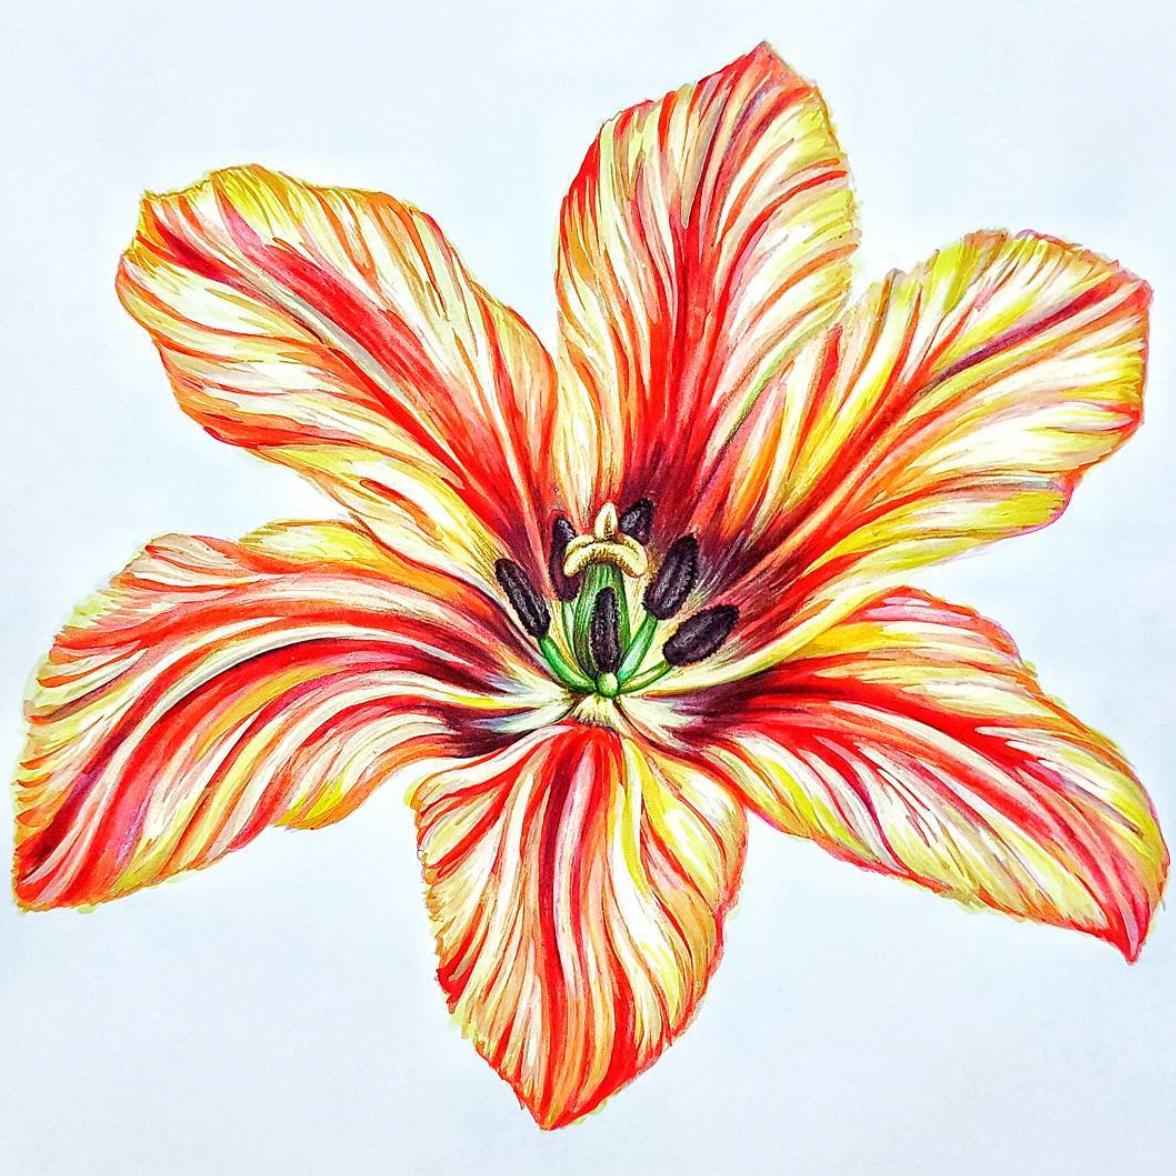 Skizze_scetch_drawing_Zeichnung_flowers_Blumen_Seidenmann_Zurich